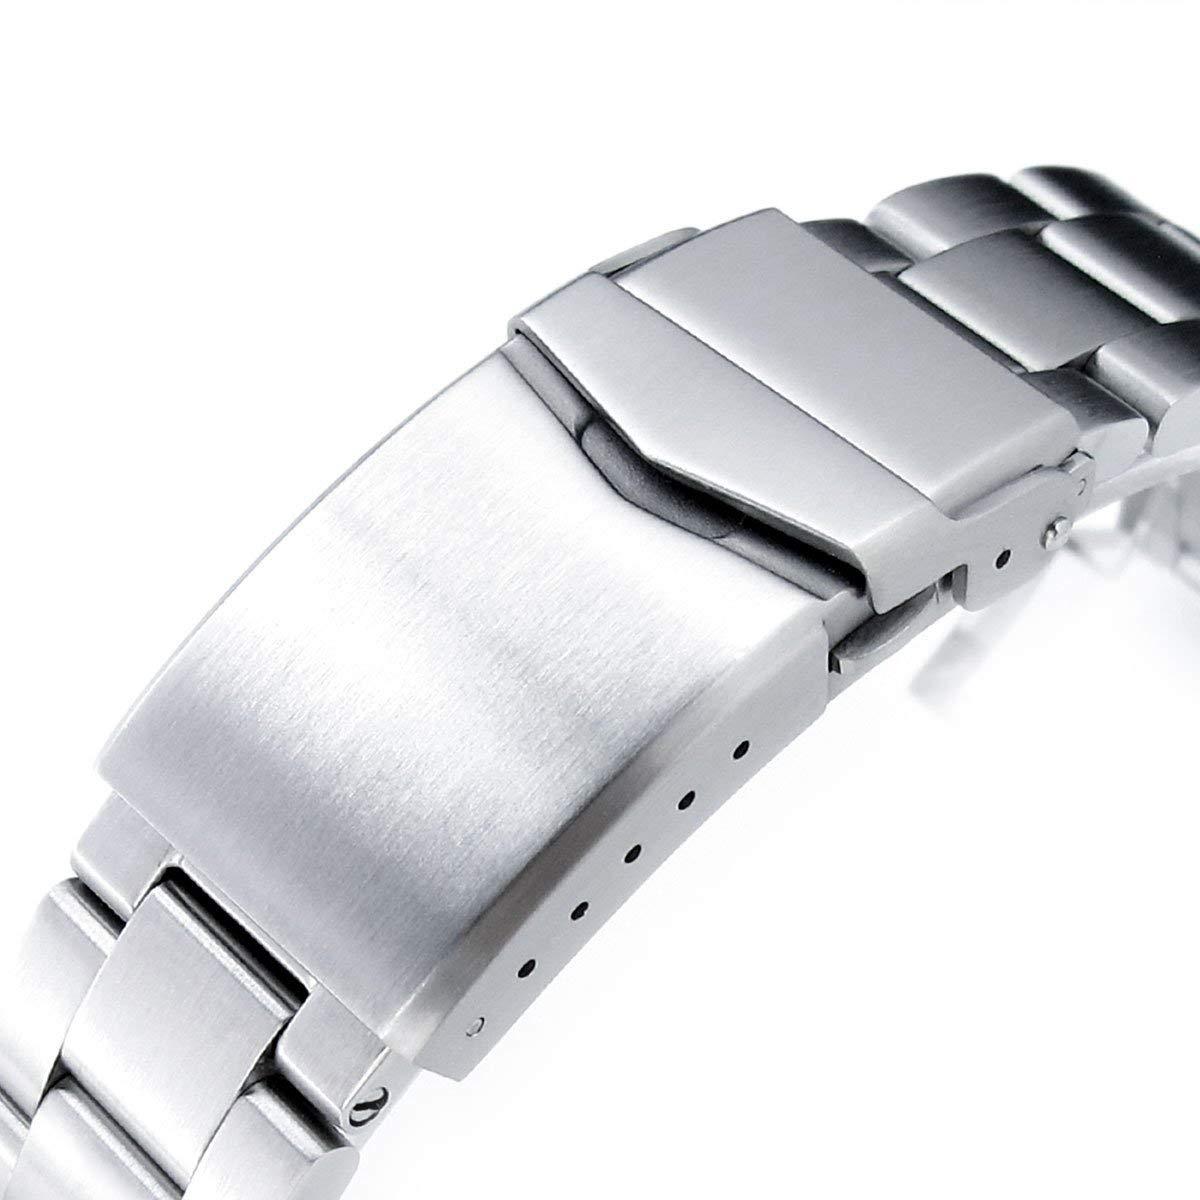 22mm Super 3D Oyster 316L SS Watch Bracelet for Tudor Black Bay, V-Clasp Brushed by MiLTAT (Image #2)